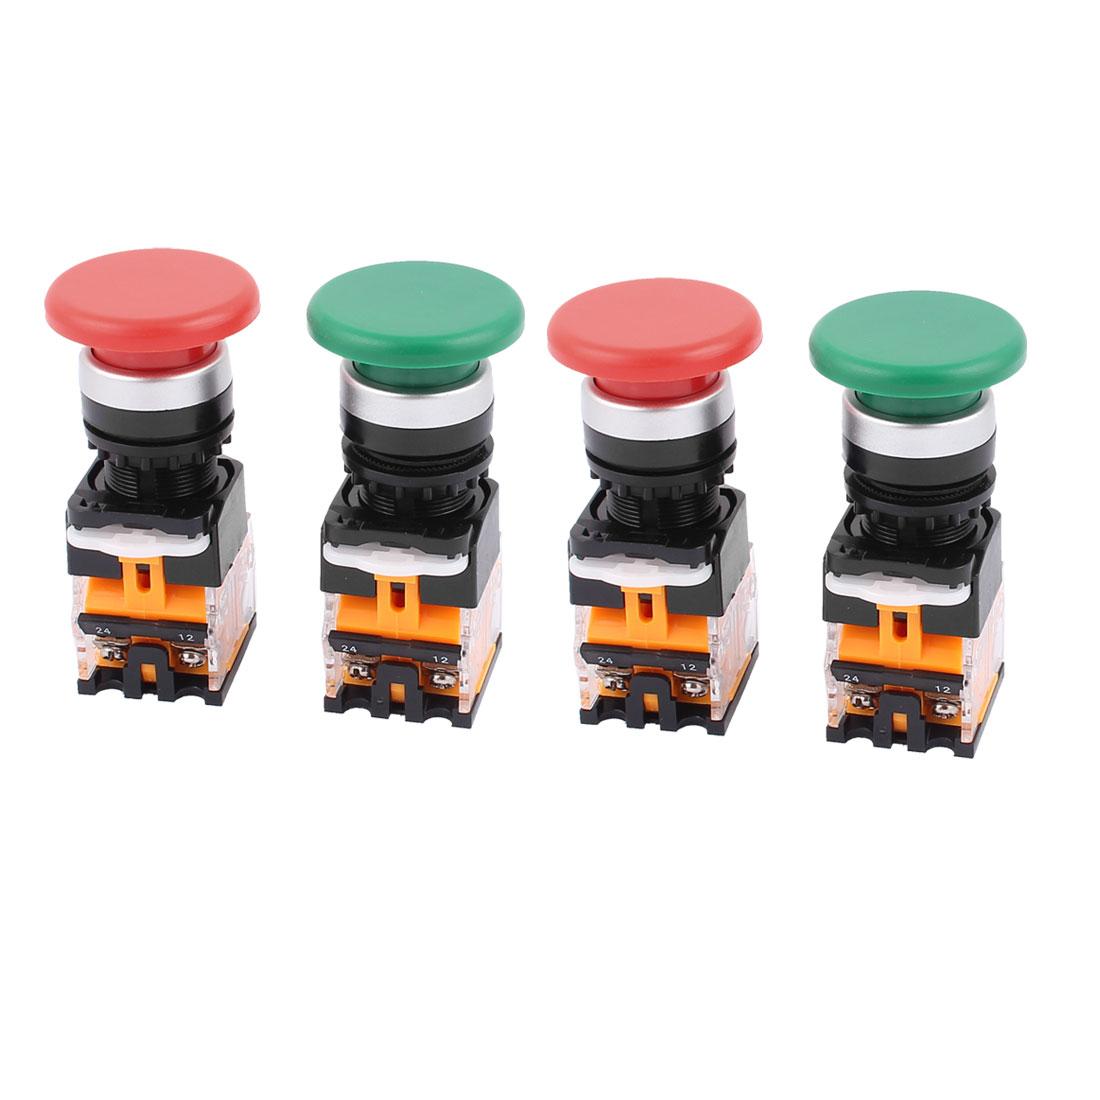 4pcs AC 660V 10A NO/NC 4Pin Mushroom Emergency Stop Red Green Push Button Switch